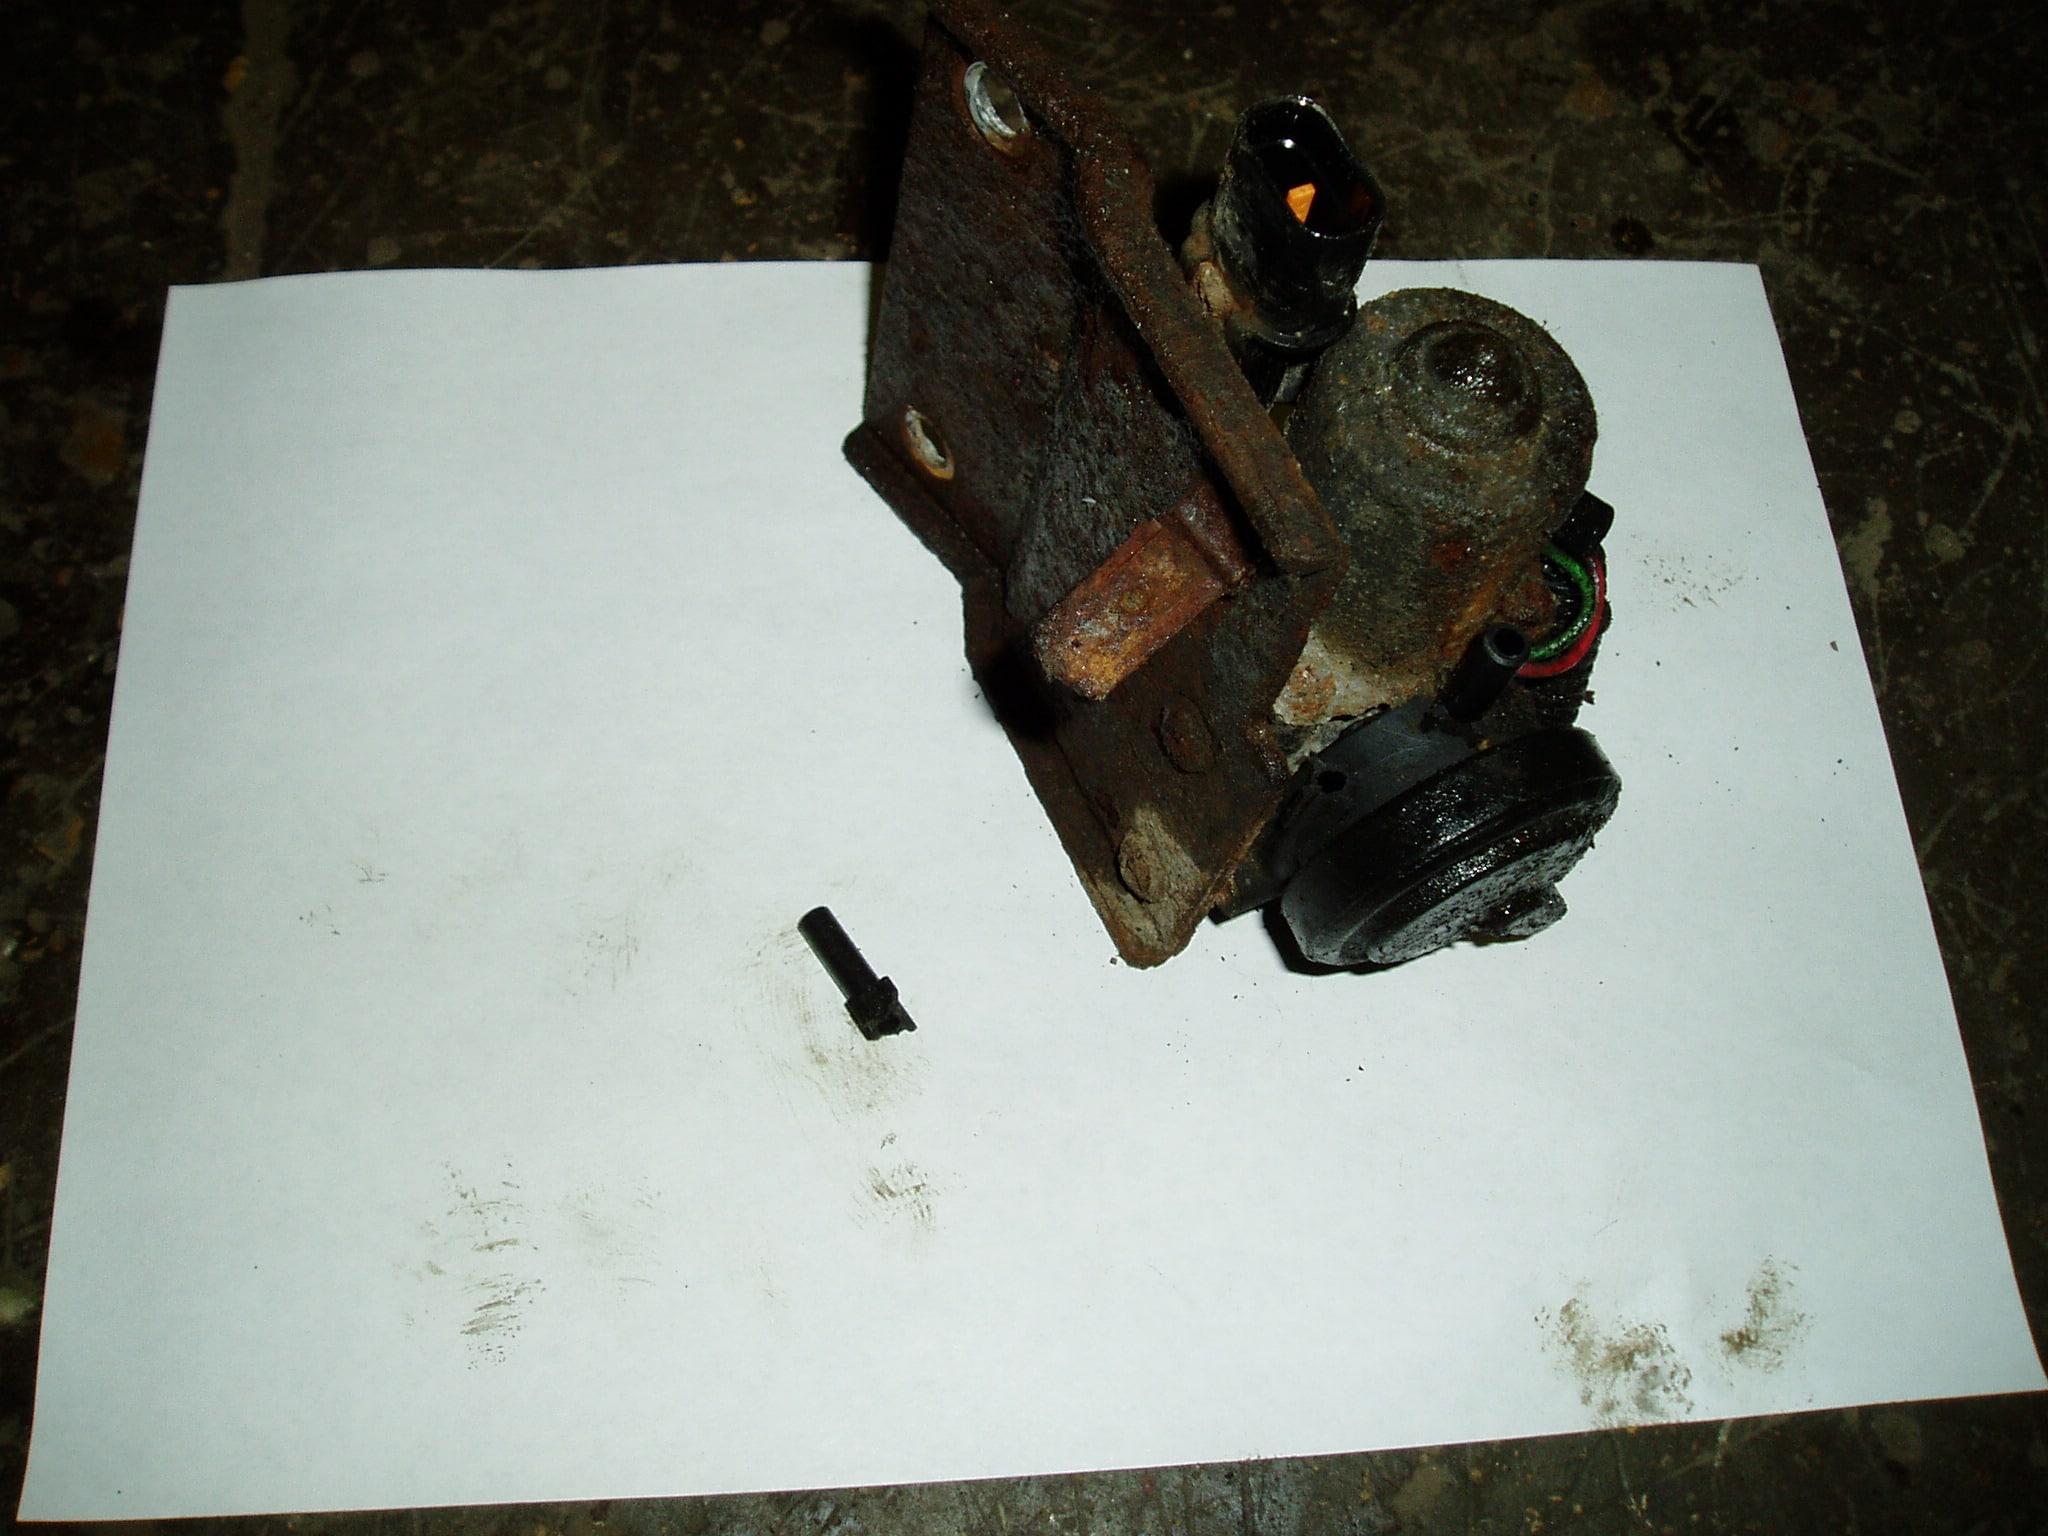 Насос включения блокировки заднего редуктора Pajero 4. Обломало штуцер